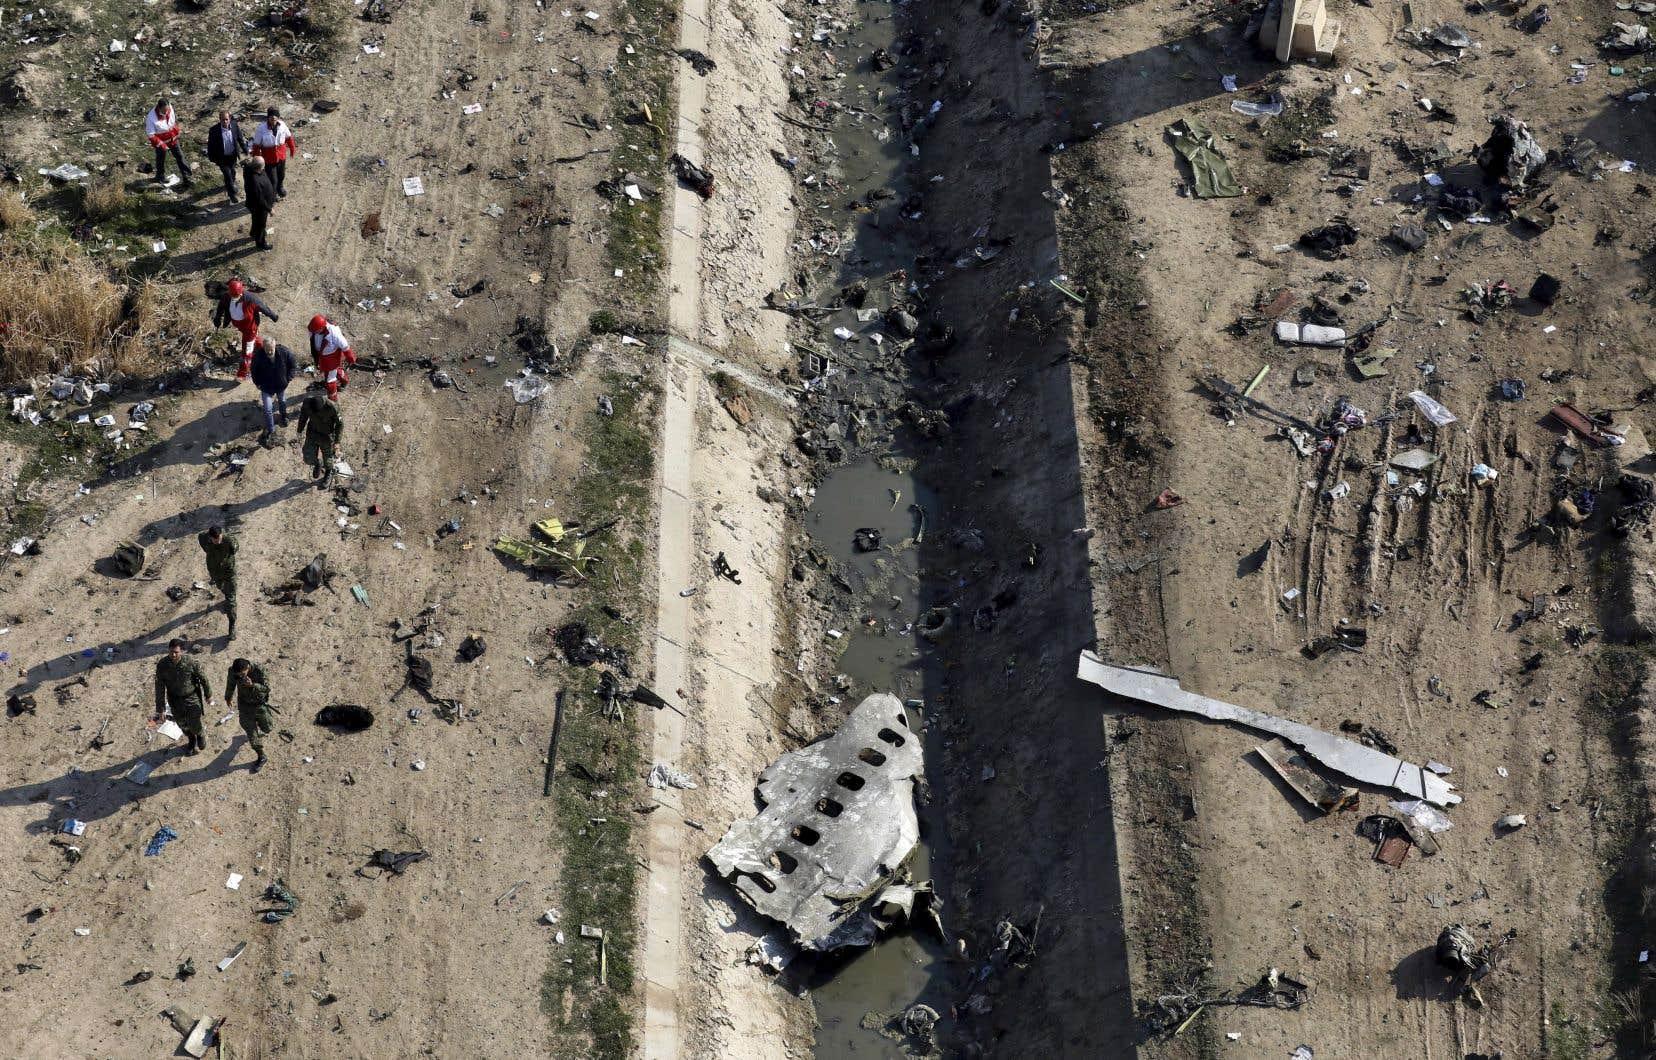 <p>L'avion de passagers s'est écrasé le 8 janvier dernier, tuant les 176 personnes à bord.</p>